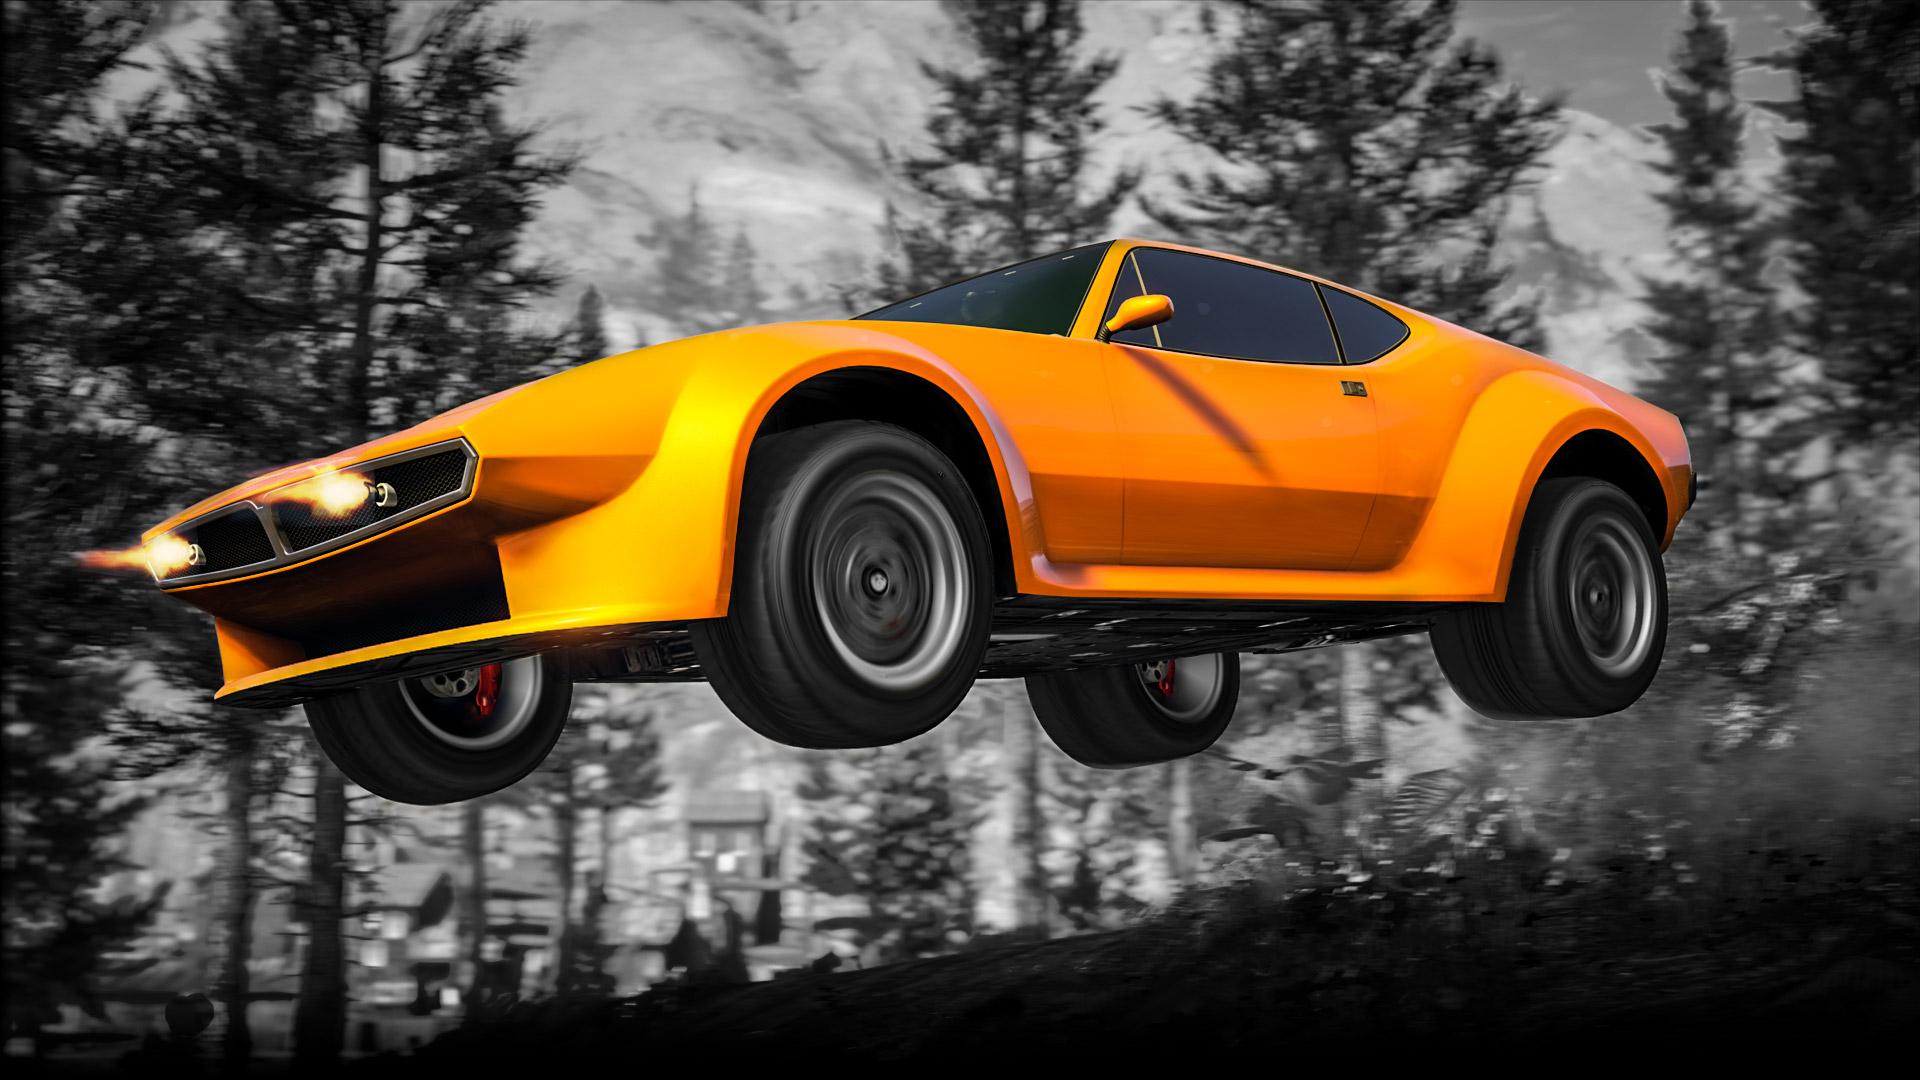 Новинки в GTA Online: Lampadati Viseris, а также вдвое больше долларов GTA и RP за задания Лестера Креста